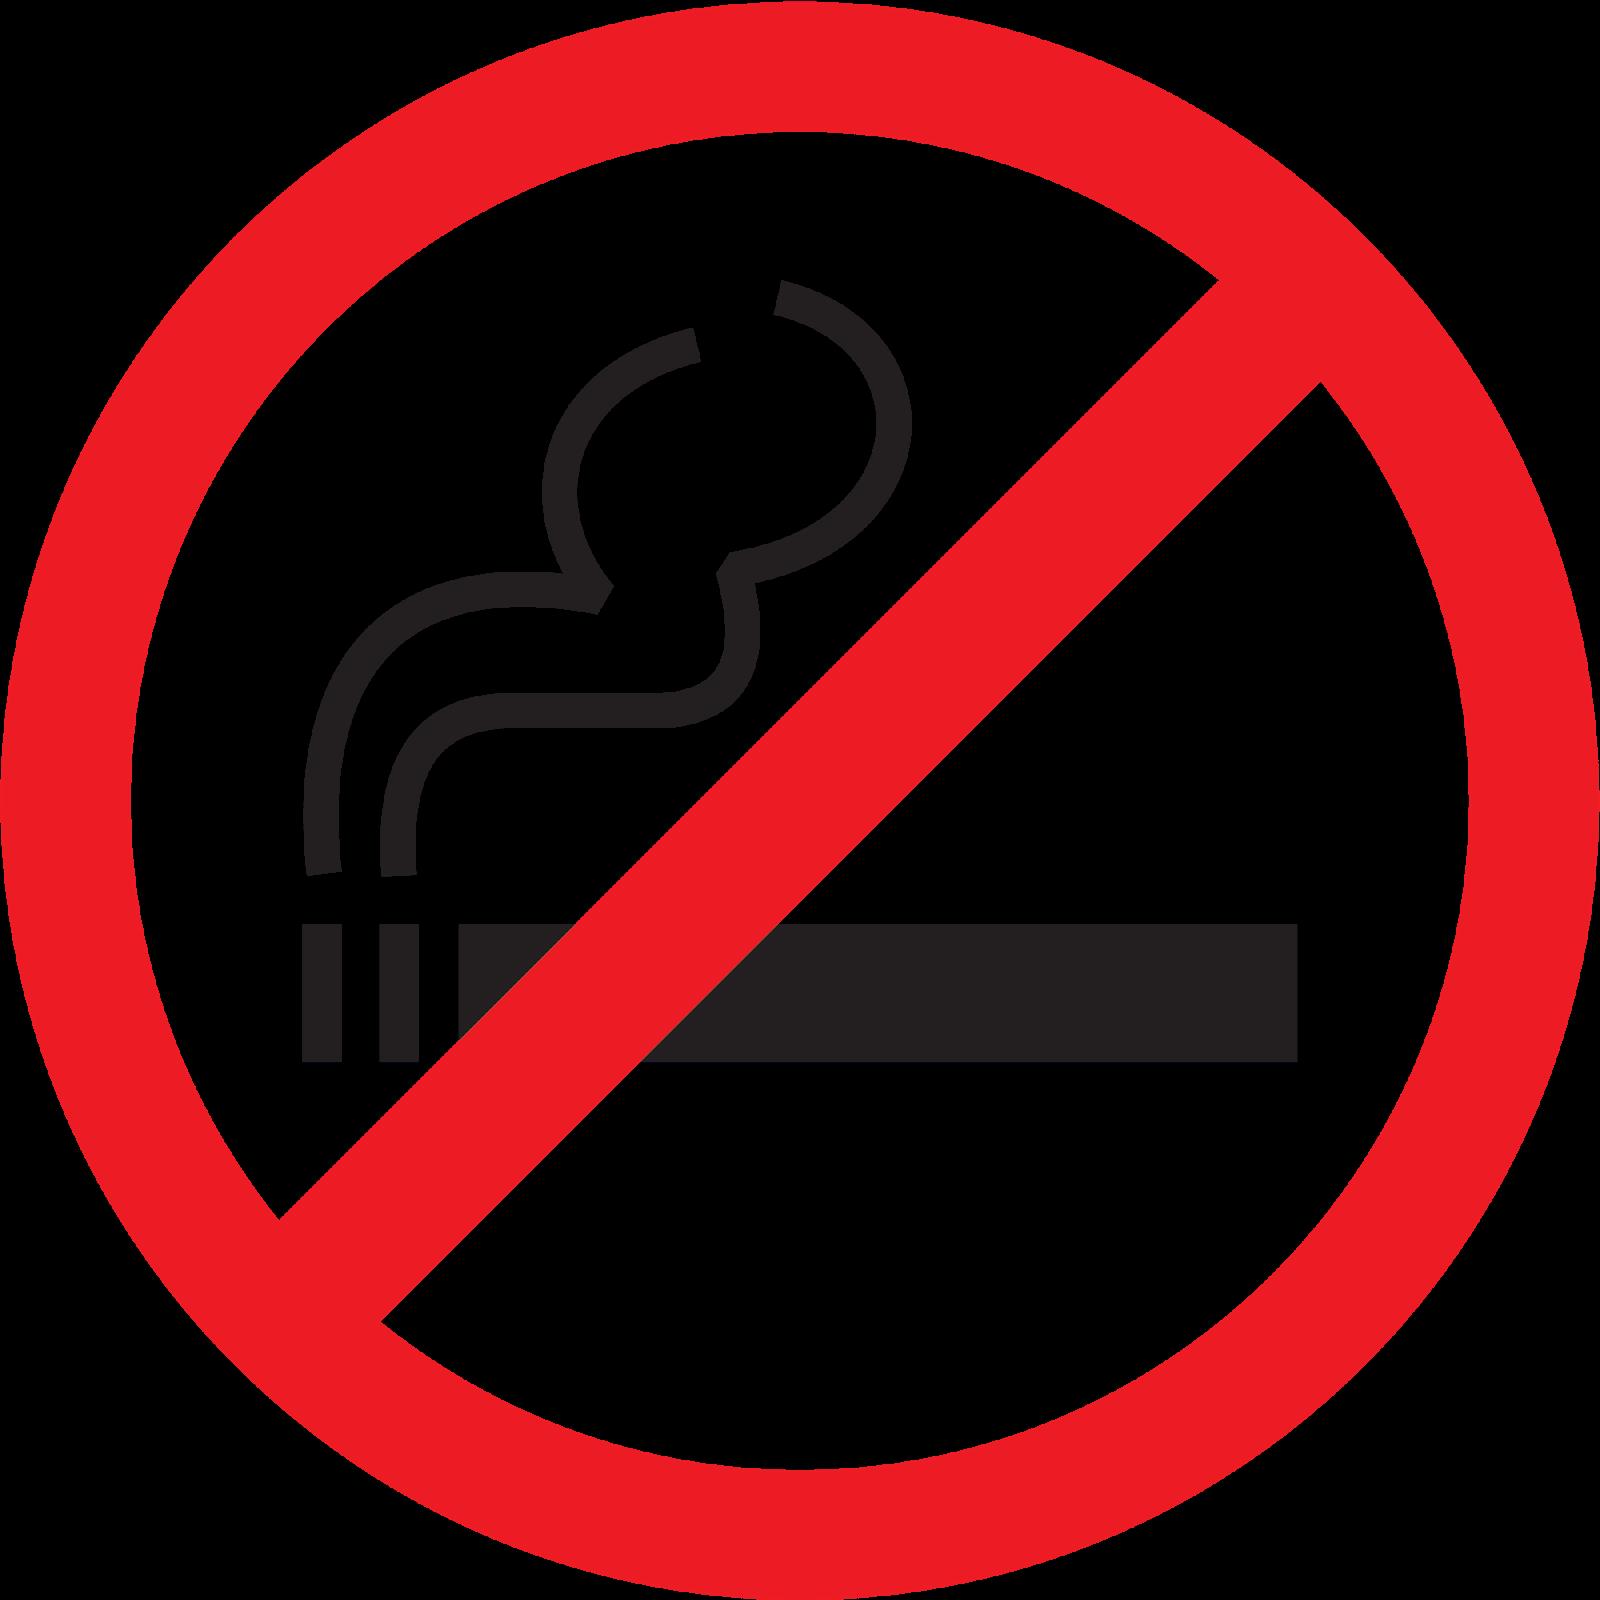 Самый легкий способ бросить курить.